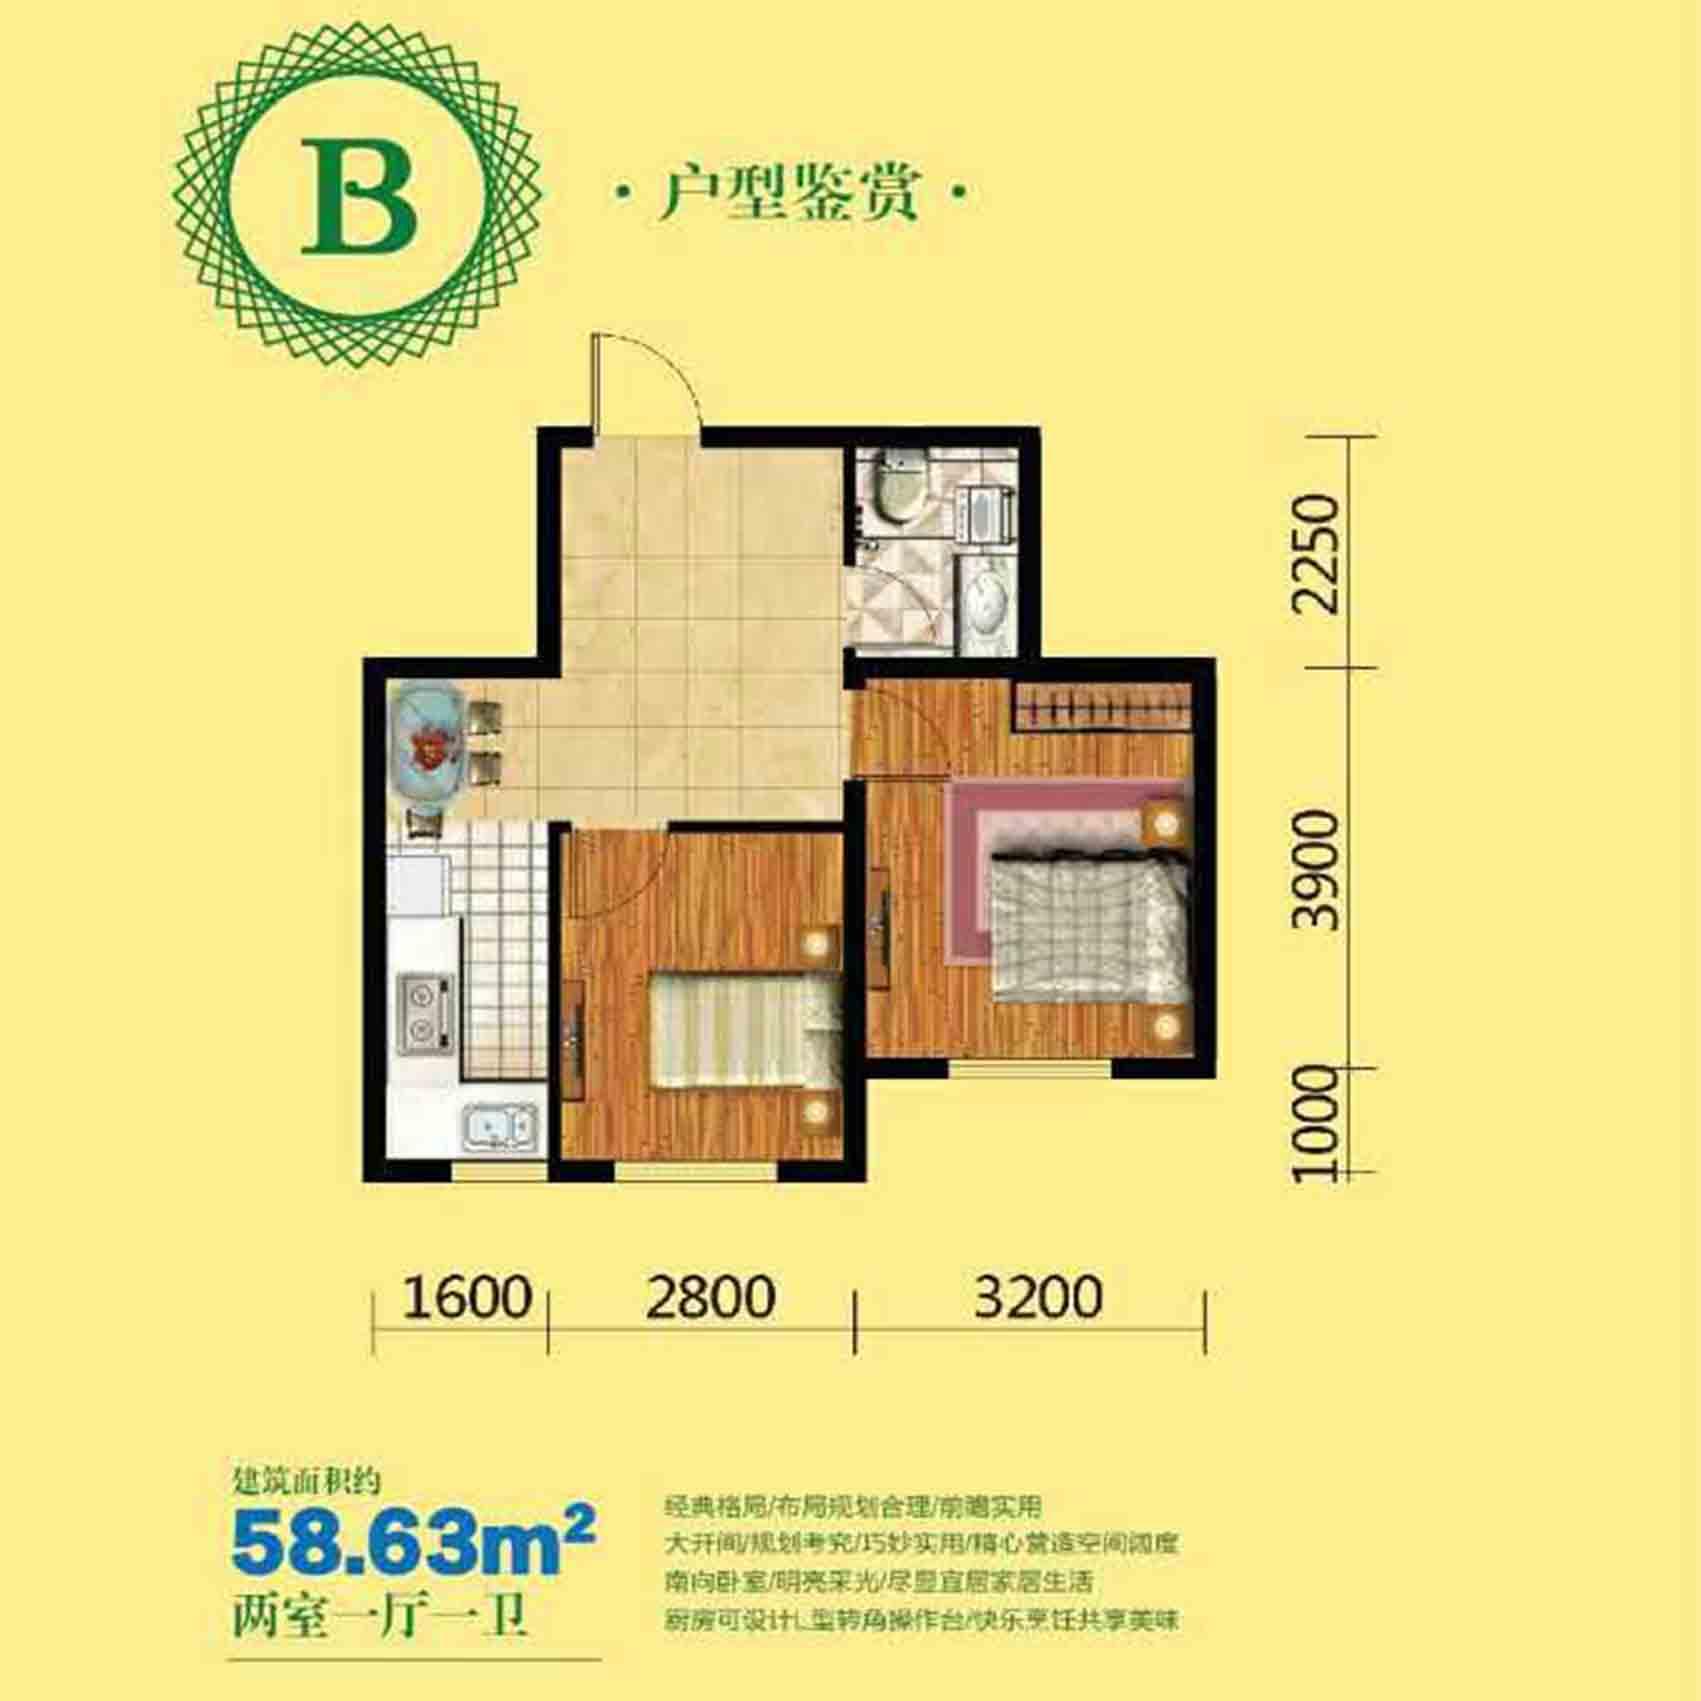 长堤湾高层58.63平2室1厅1卫B户型